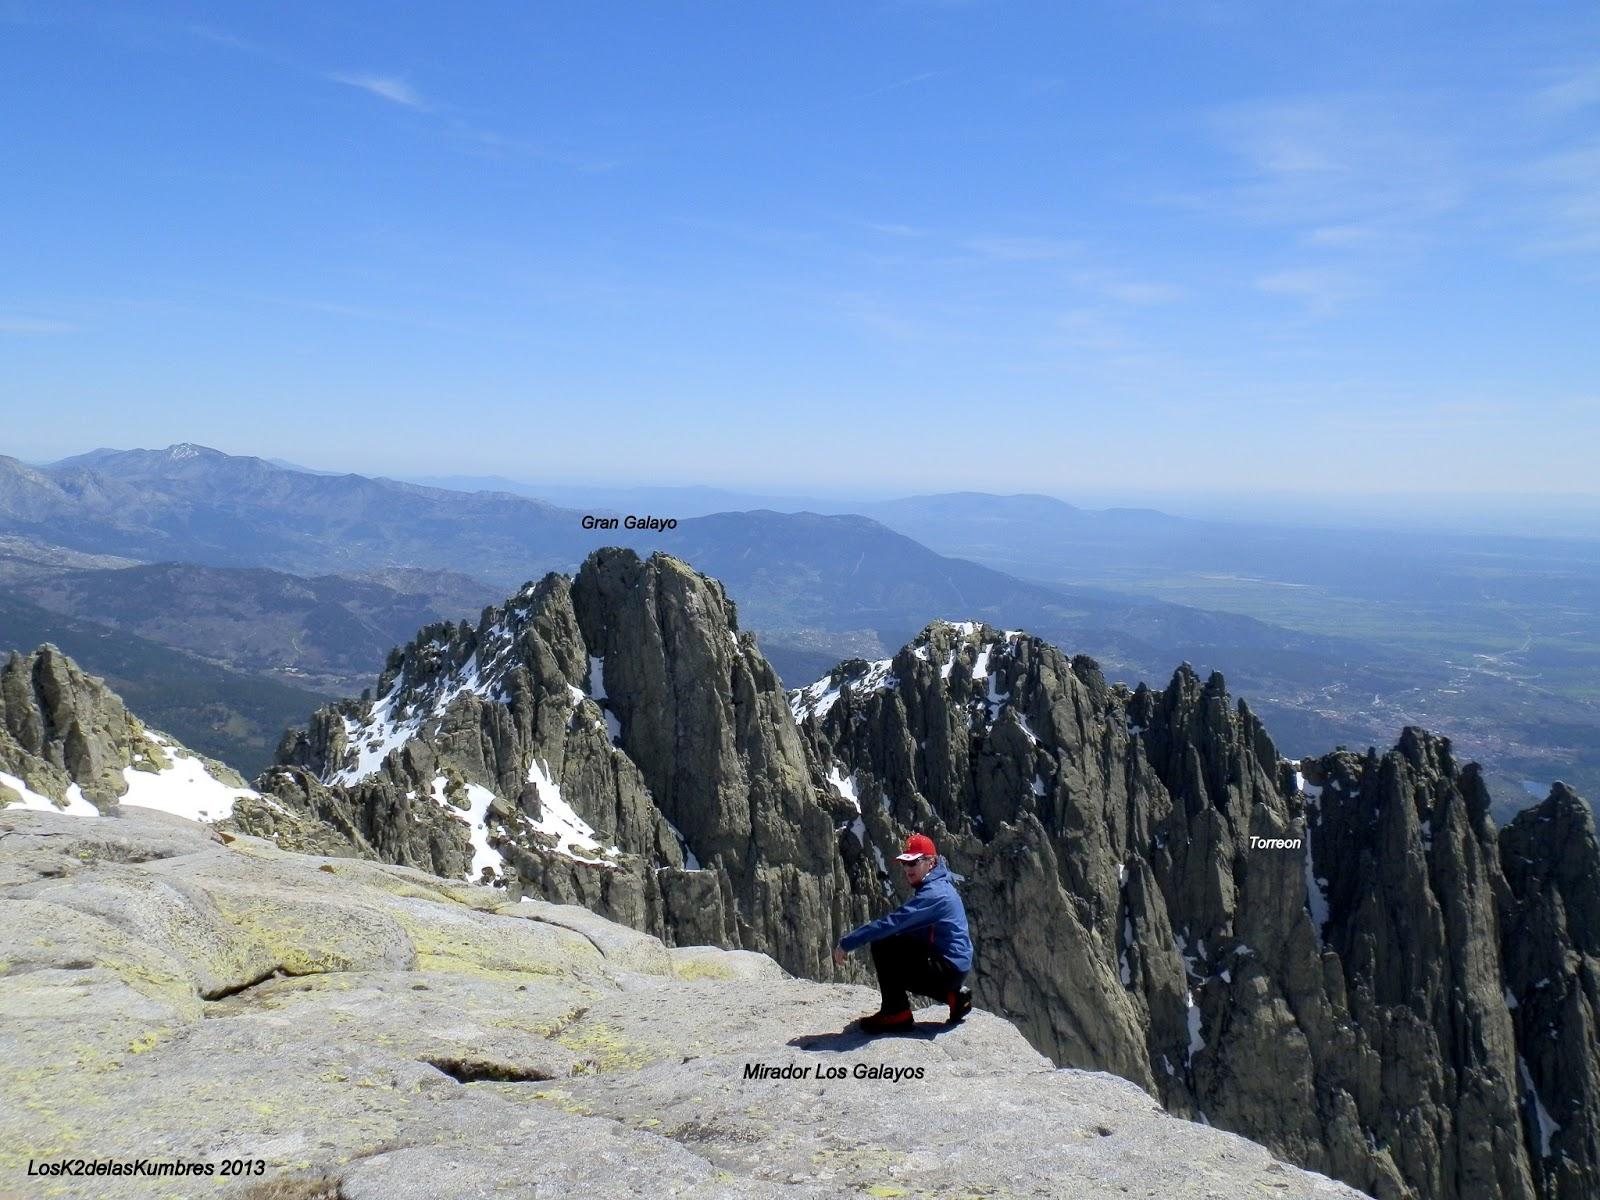 el Pico La Mira, Mirador Los Galayos